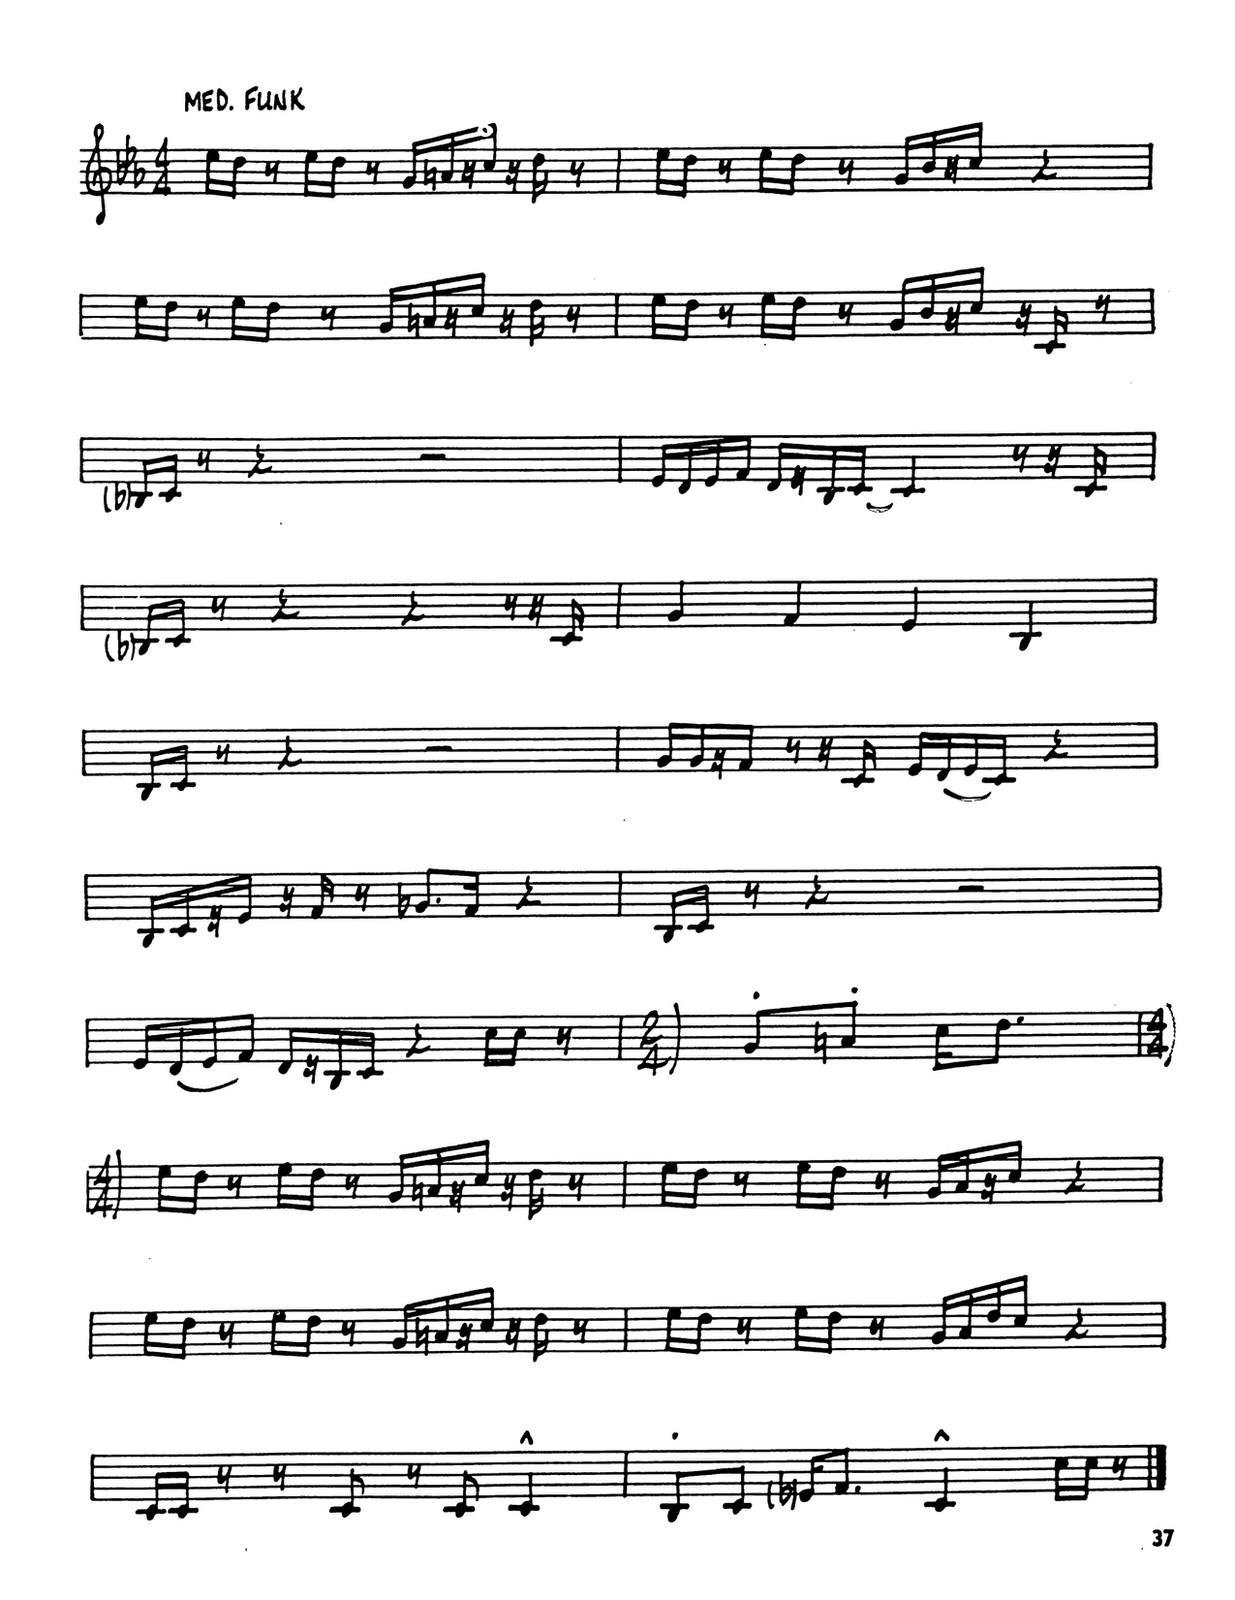 Chesky Contemporary Jazz-Rock Rhythms 5